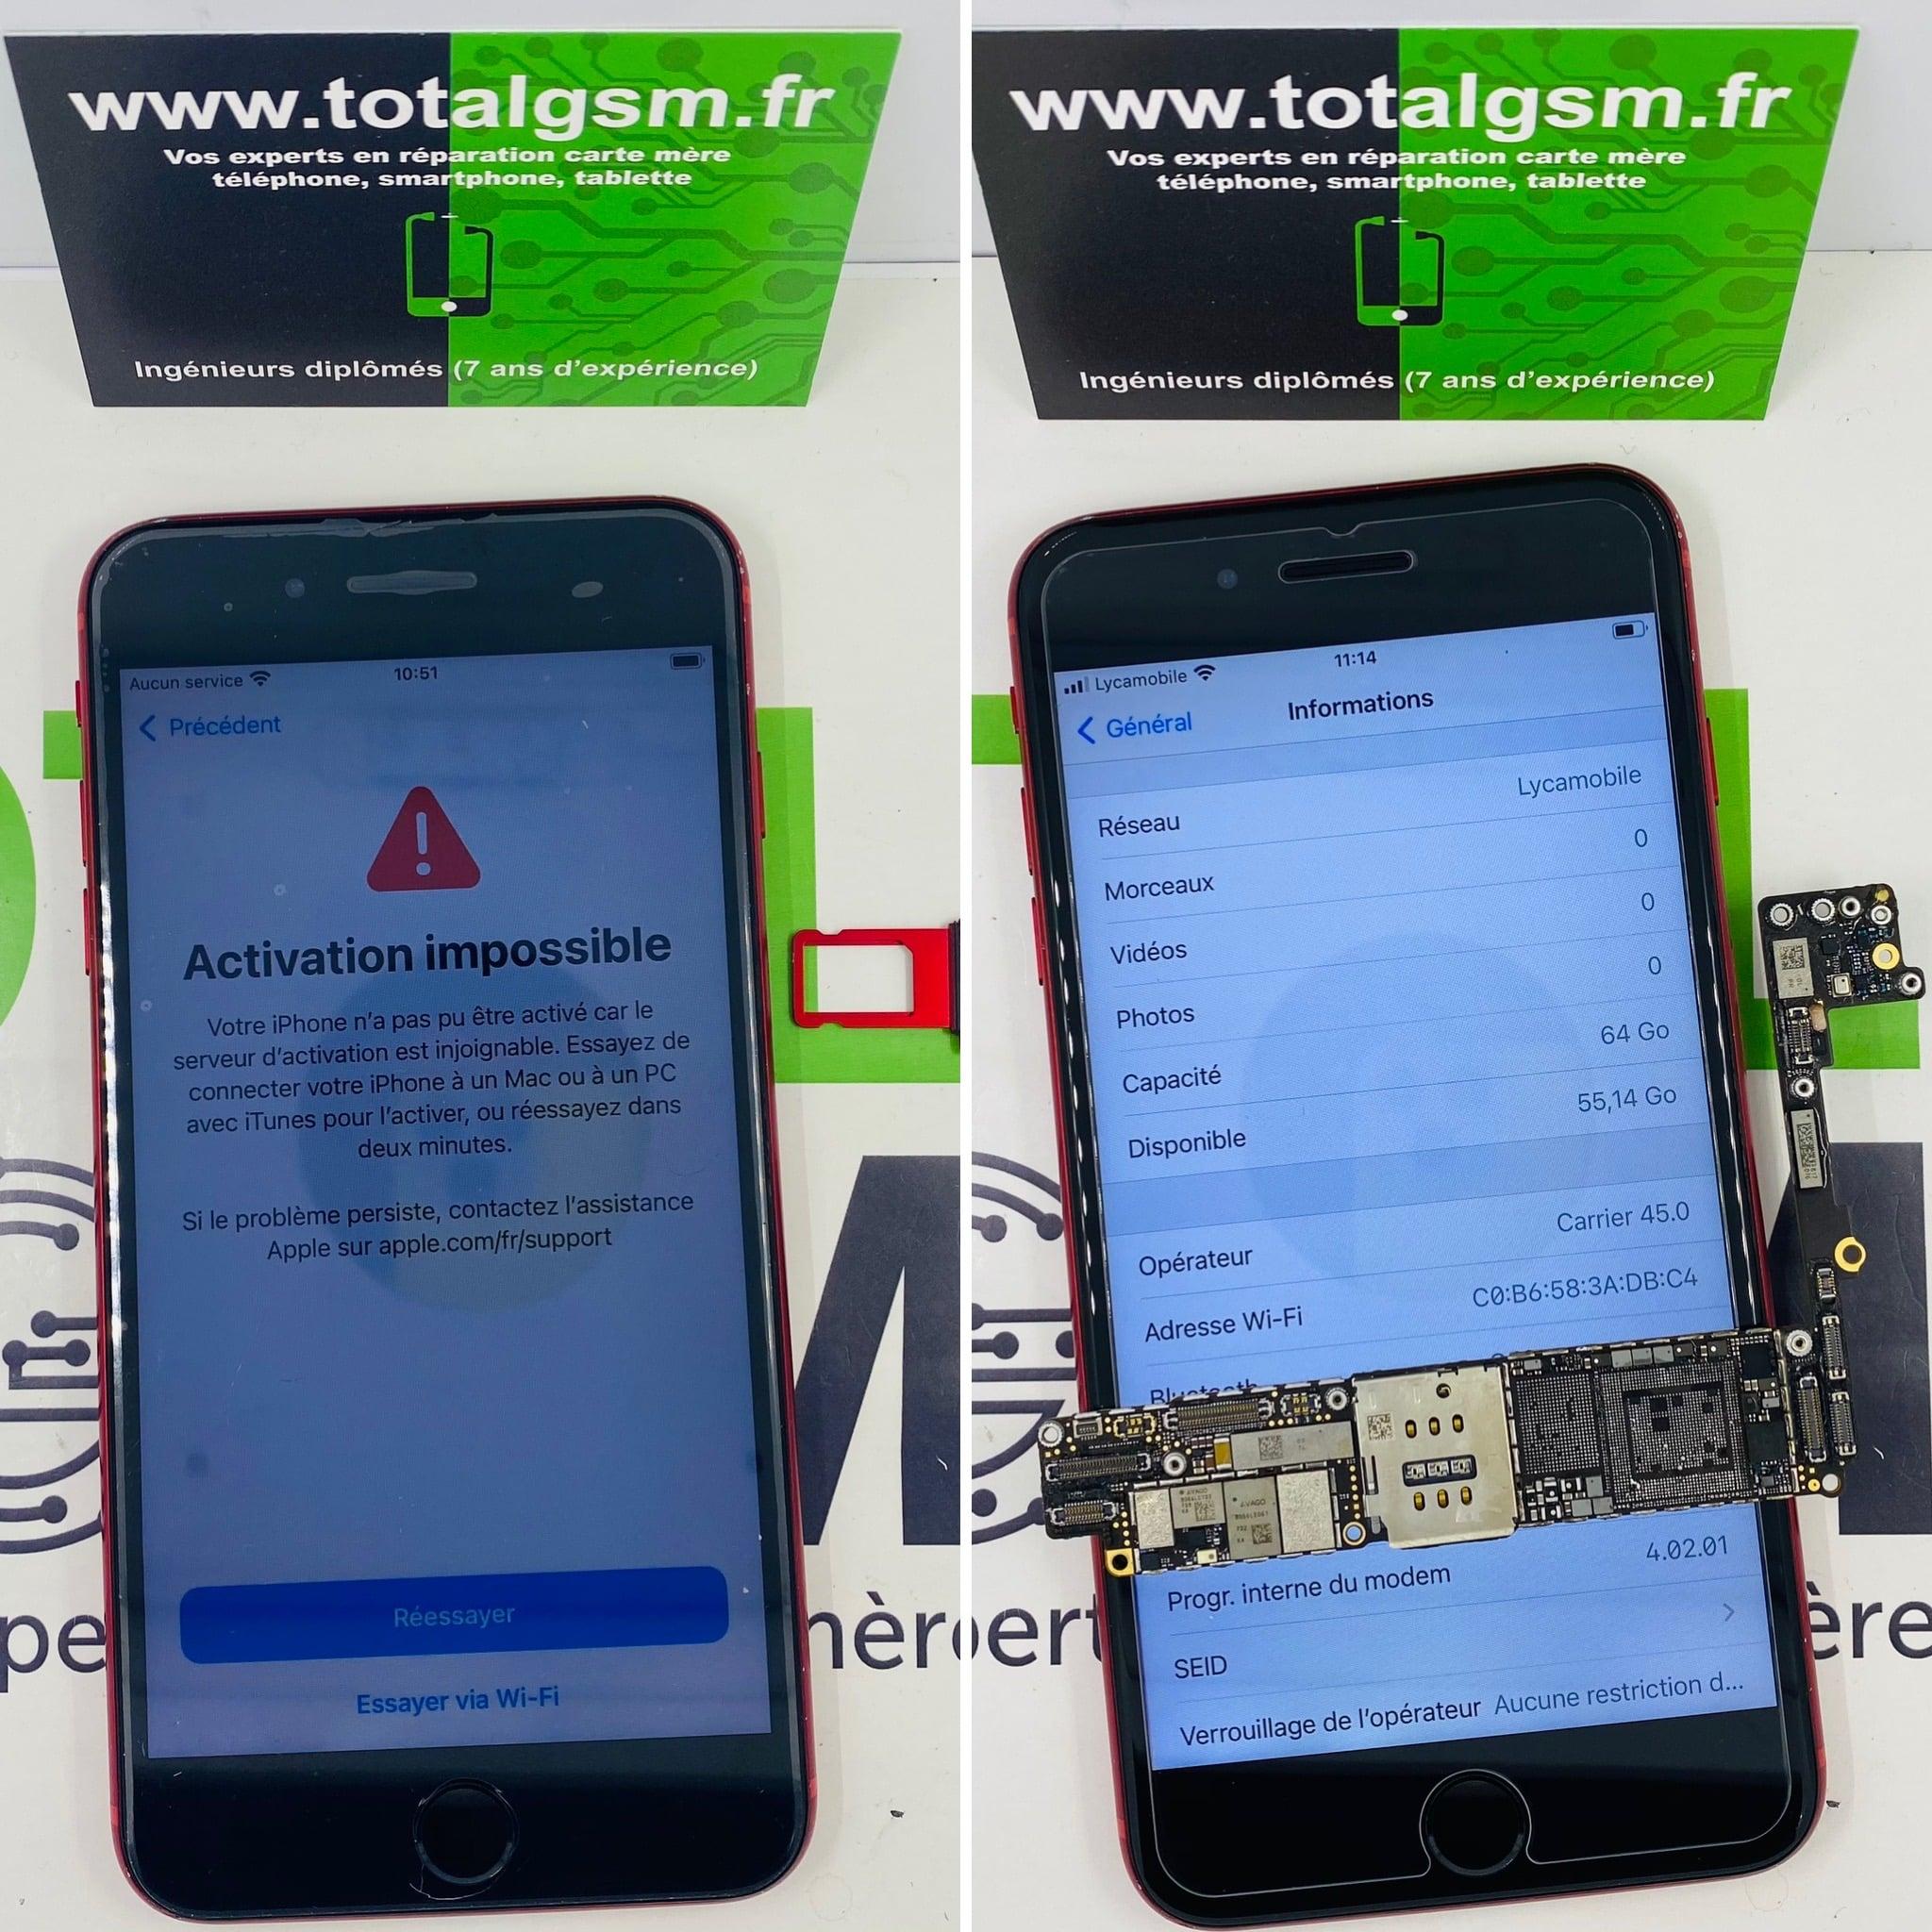 Réparation iPhone 8 Plus - Problème de réseau / baseband / No Service / Aucun service / Recherche en cours